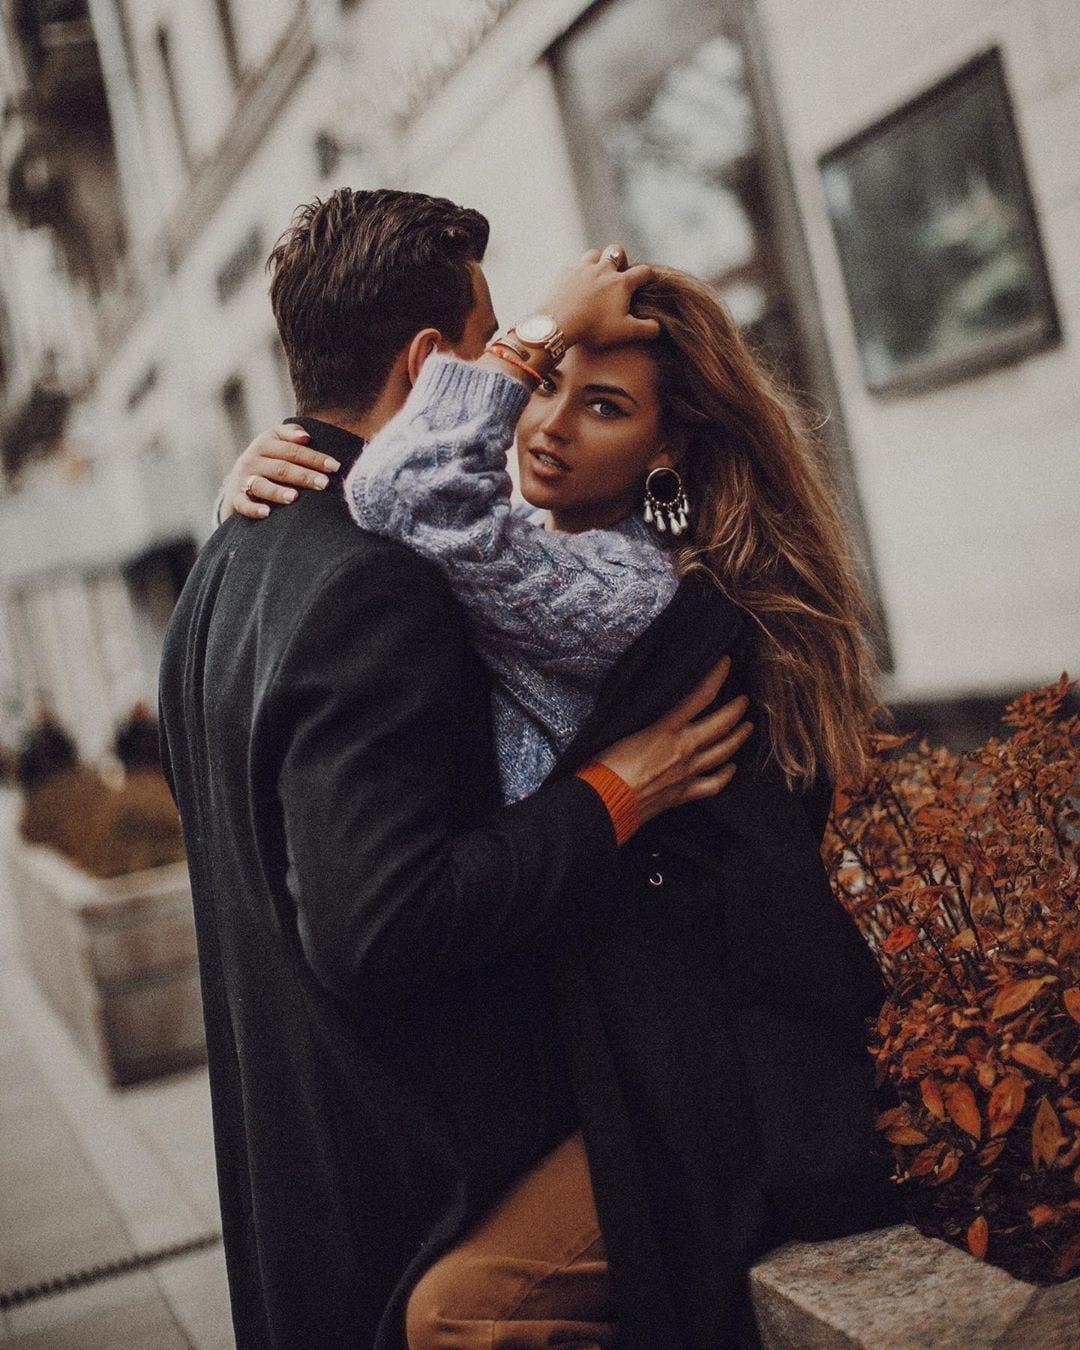 Les 5 Meilleurs Conseils de Dating Pour Trouver L'Amour Après 30 ans